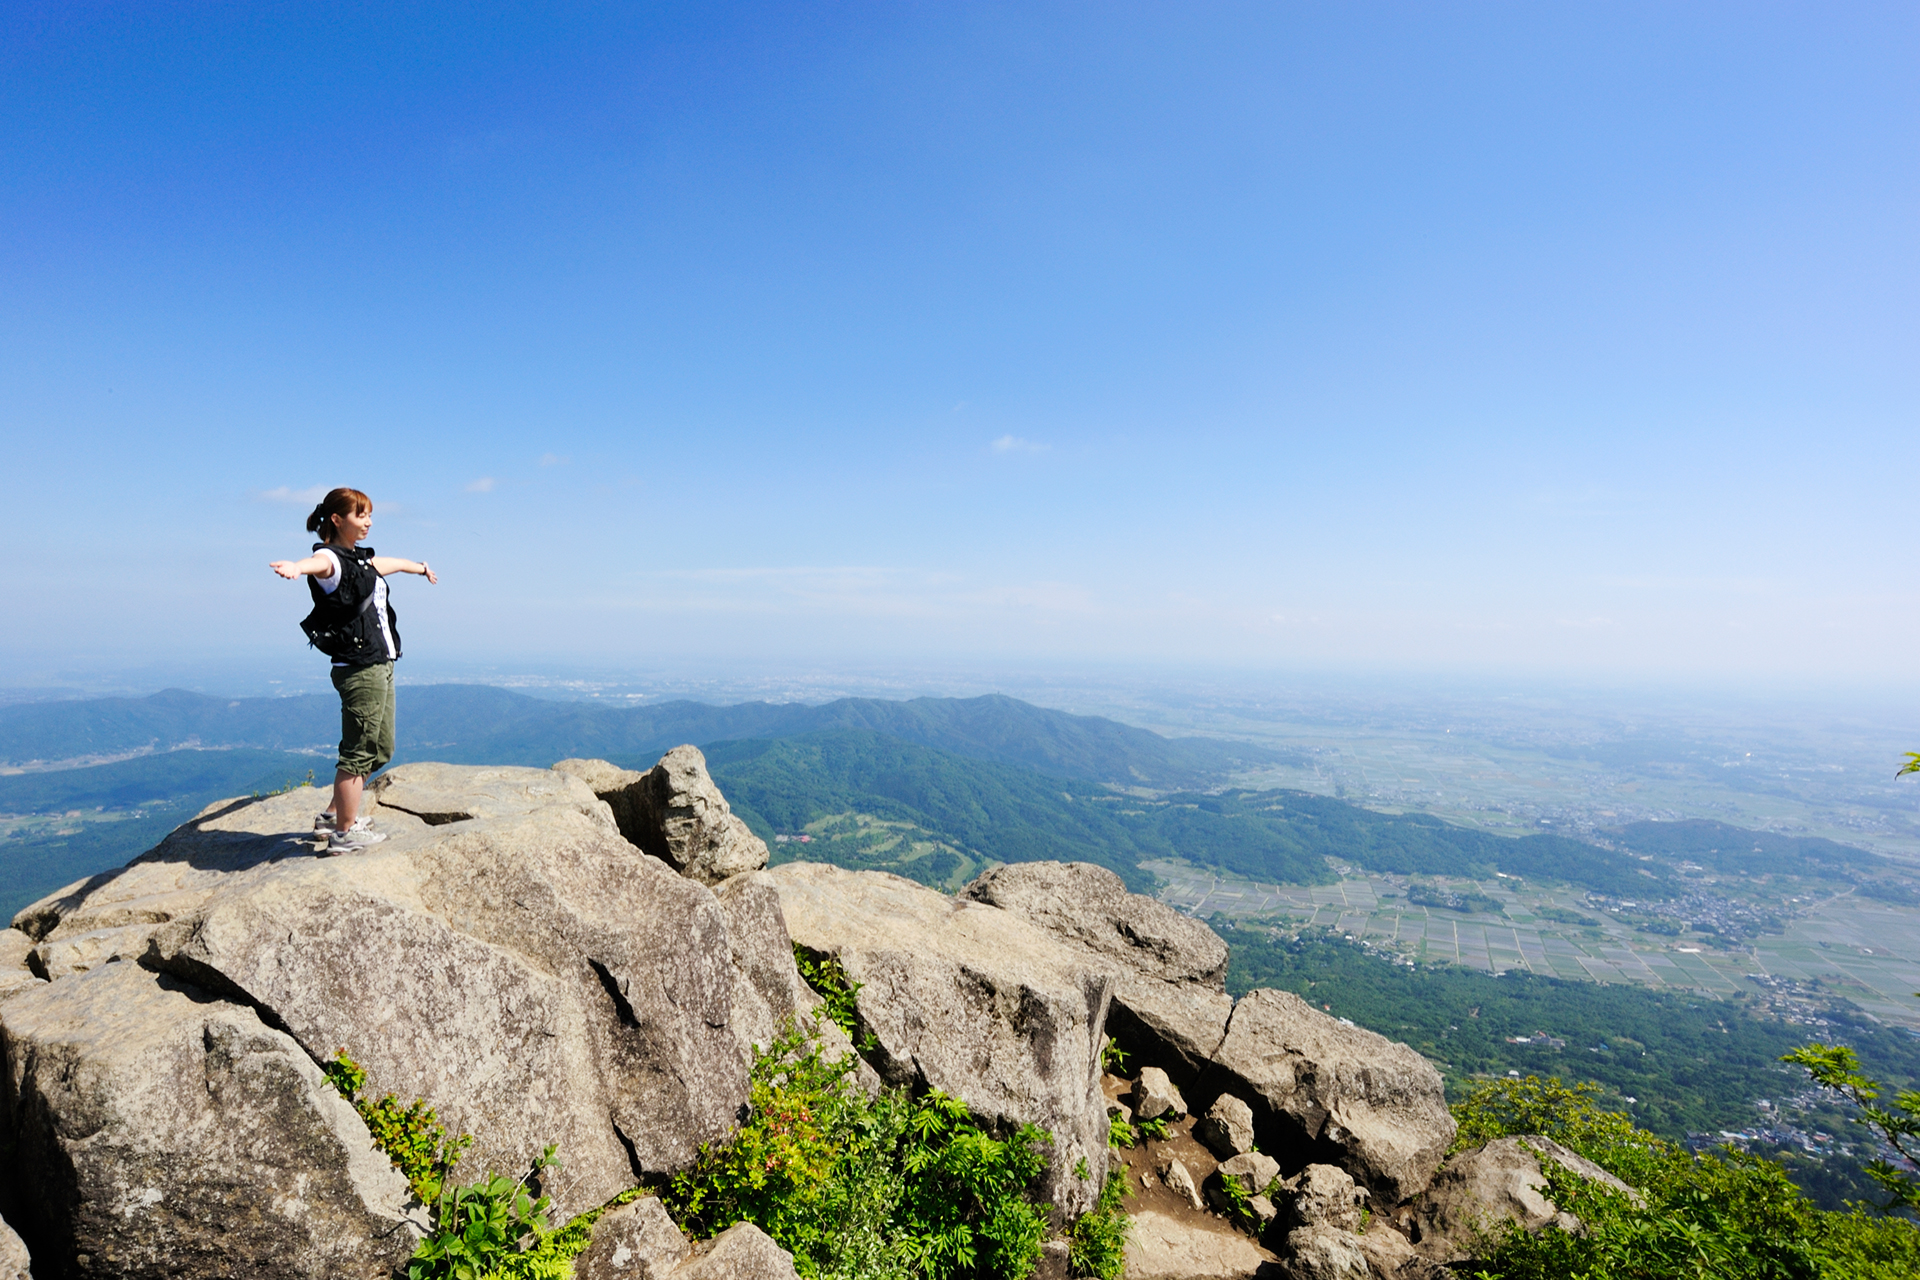 01-3 ビギナーにもおすすめ!日帰りでも楽しめる関東の絶景登山・ハイキングスポット10選